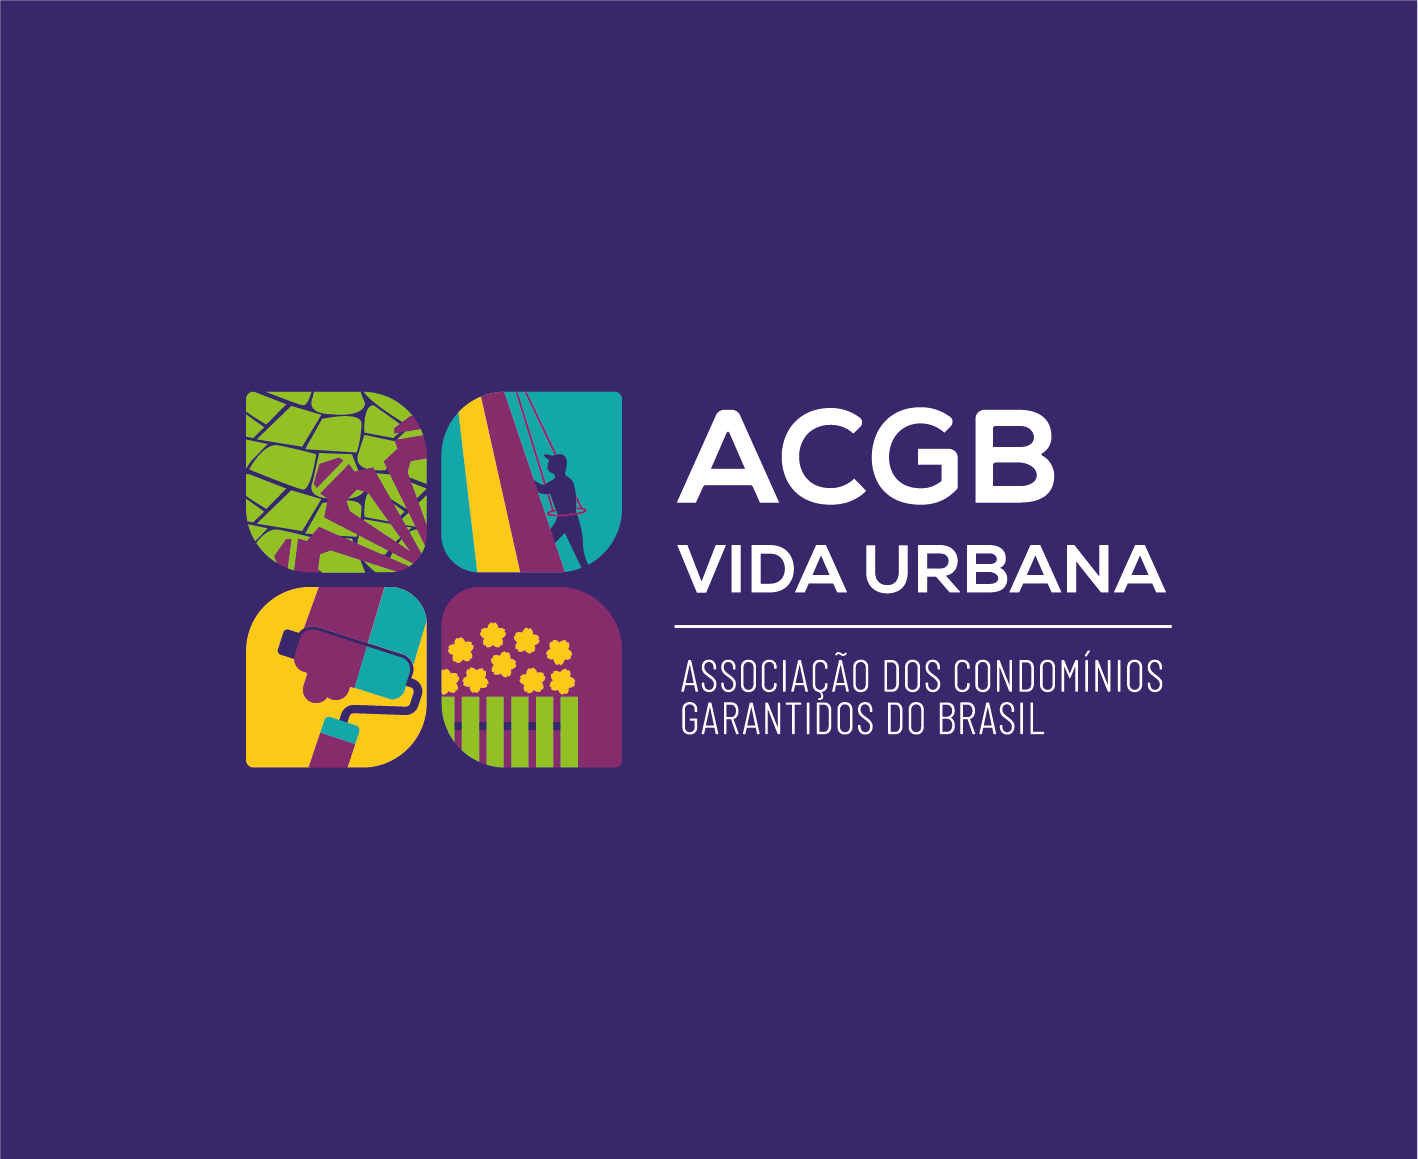 ACGB chega aos 19 anos com nova identidade visual